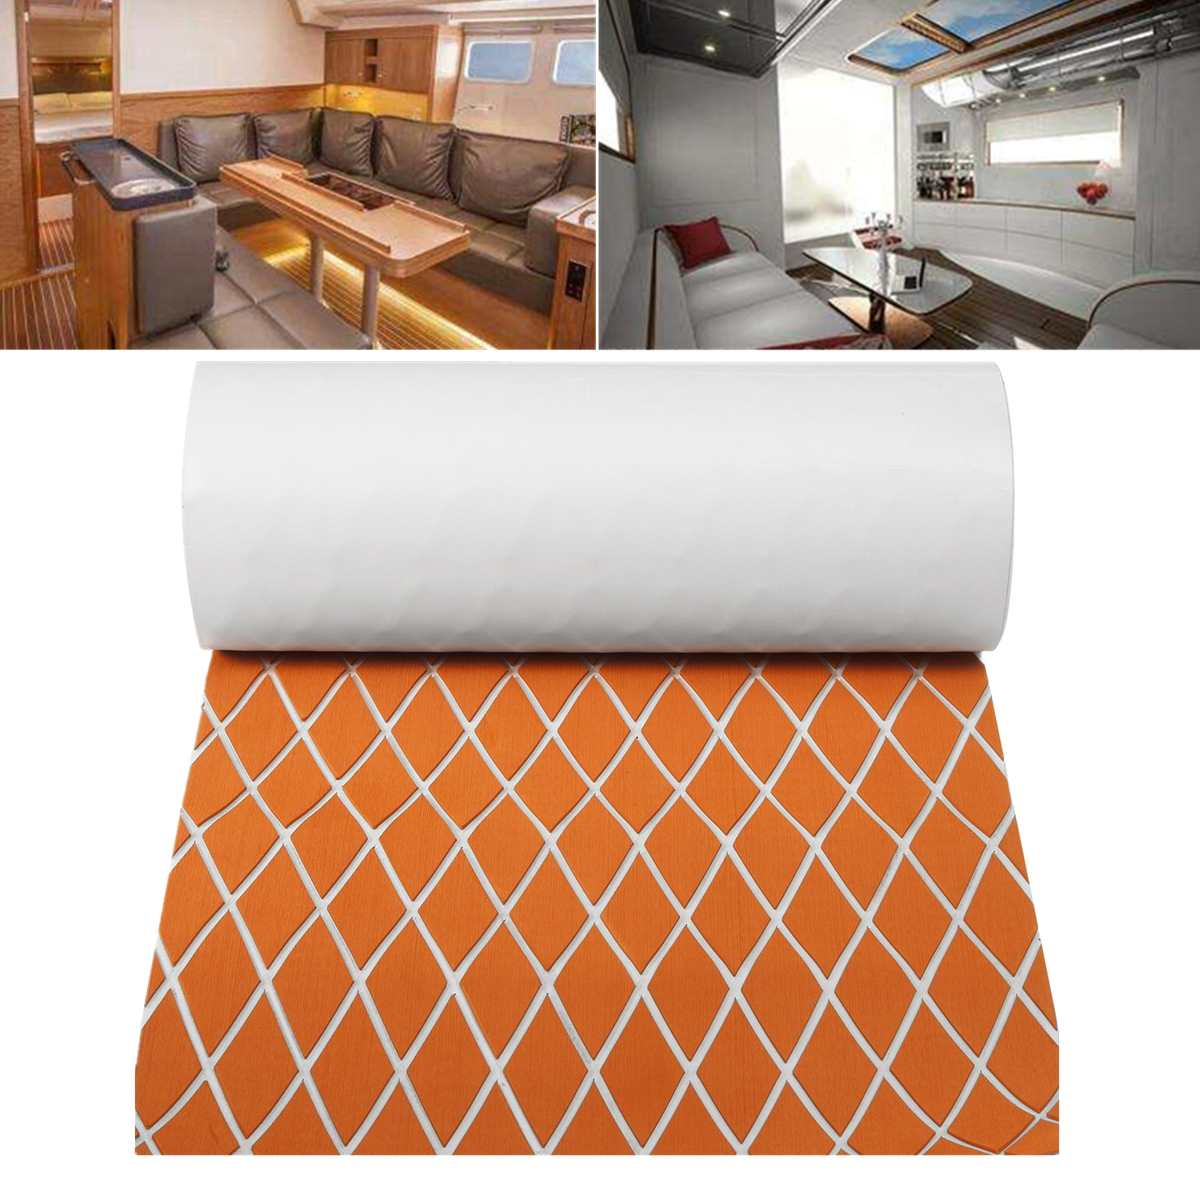 EVA mousse teck feuille Marine teck plancher teck bateau platelage RV tourisme voiture bateau Yacht tapis synthétique Pad Orange 60 CM x 190 CM x 6mm